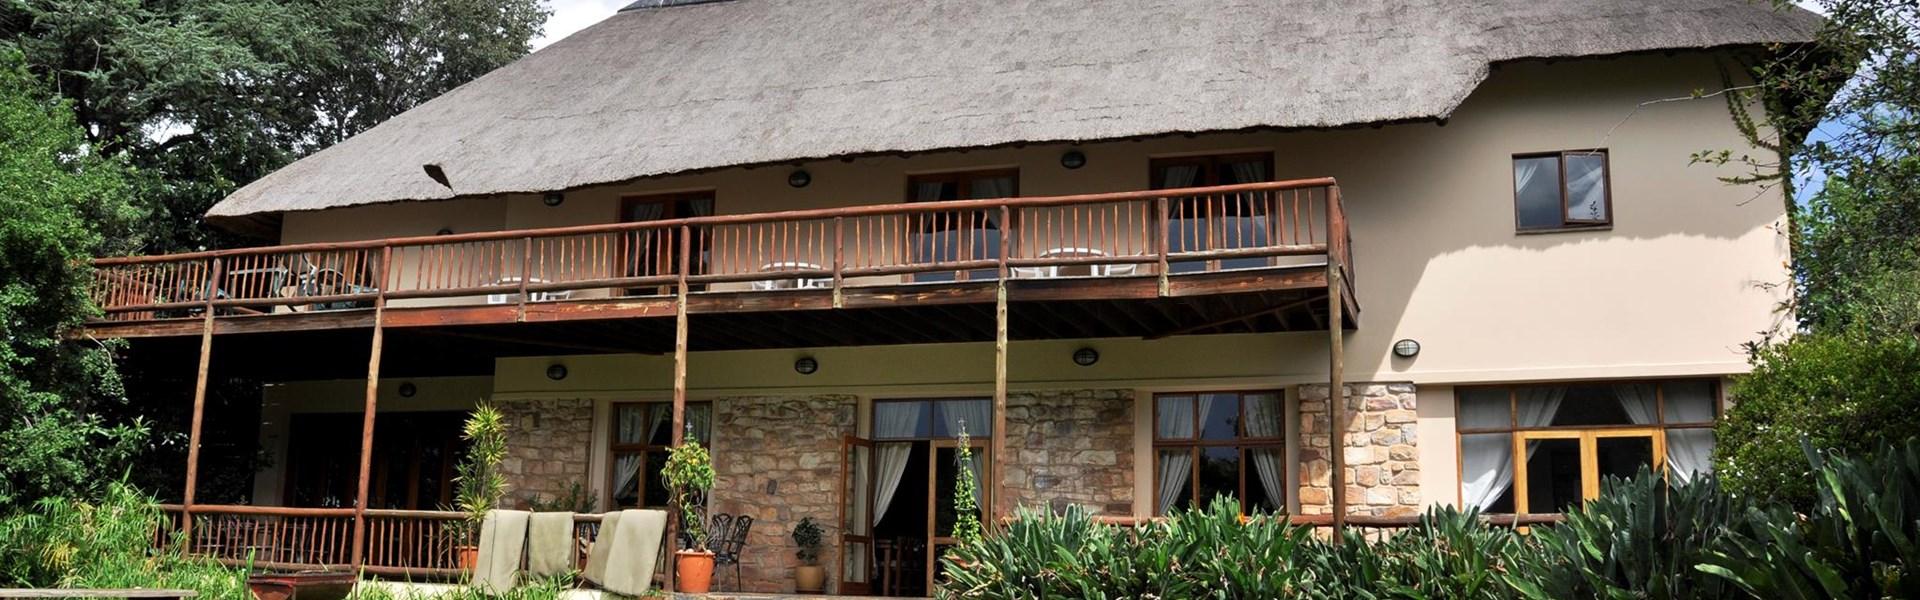 Marco Polo - Greenfire Lodge Johannesburg -